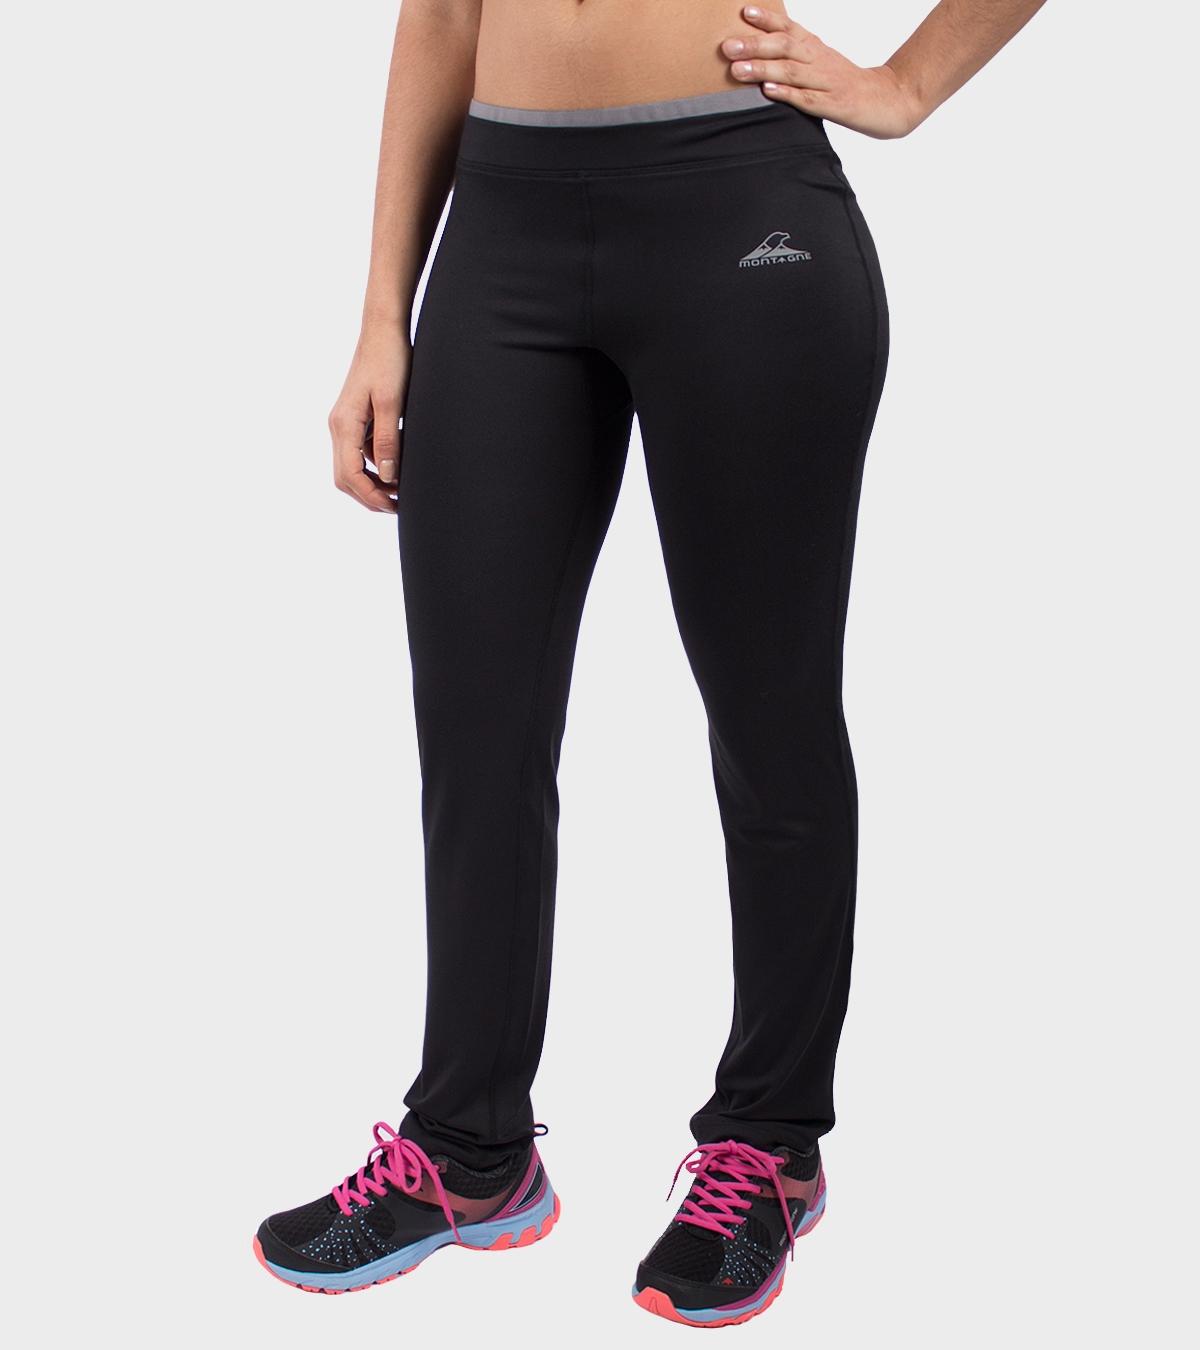 Pantalon Termico Mujer Tienda Online De Zapatos Ropa Y Complementos De Marca